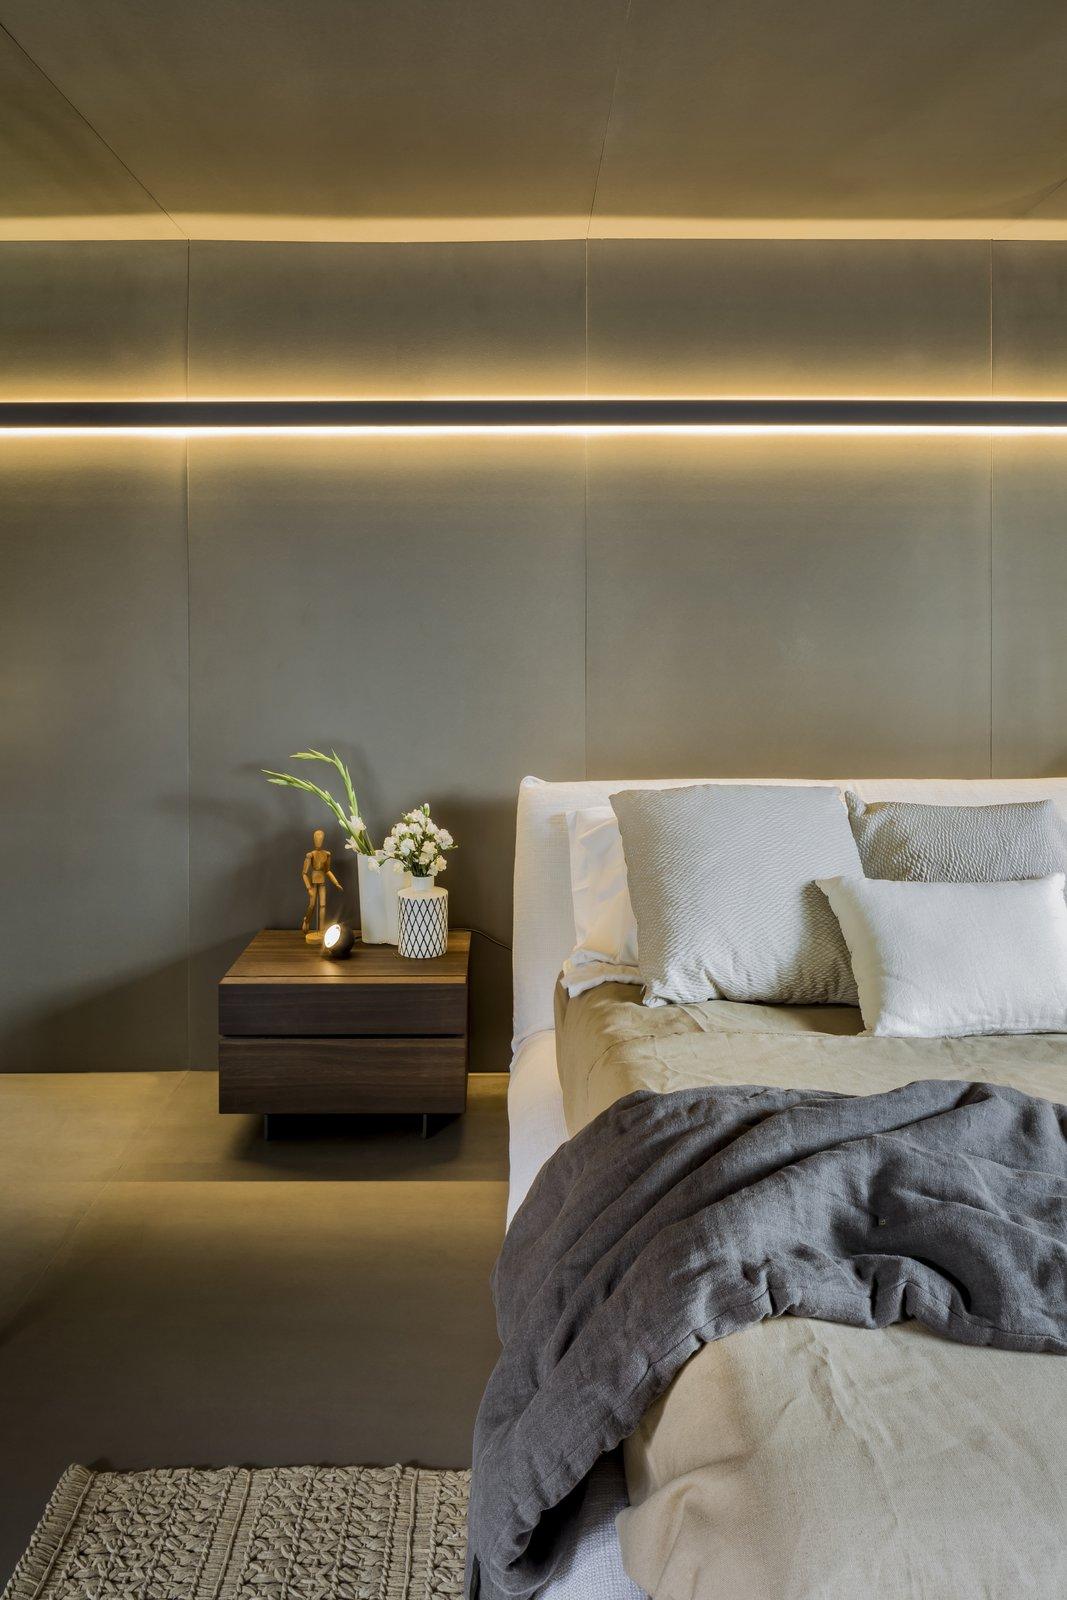 Bedroom, Bed, Wall Lighting, and Concrete Floor SOA Soler Orozco Arquitectos . Casa Molina  Casa Molina by SOA Soler Orozco Arquitectos